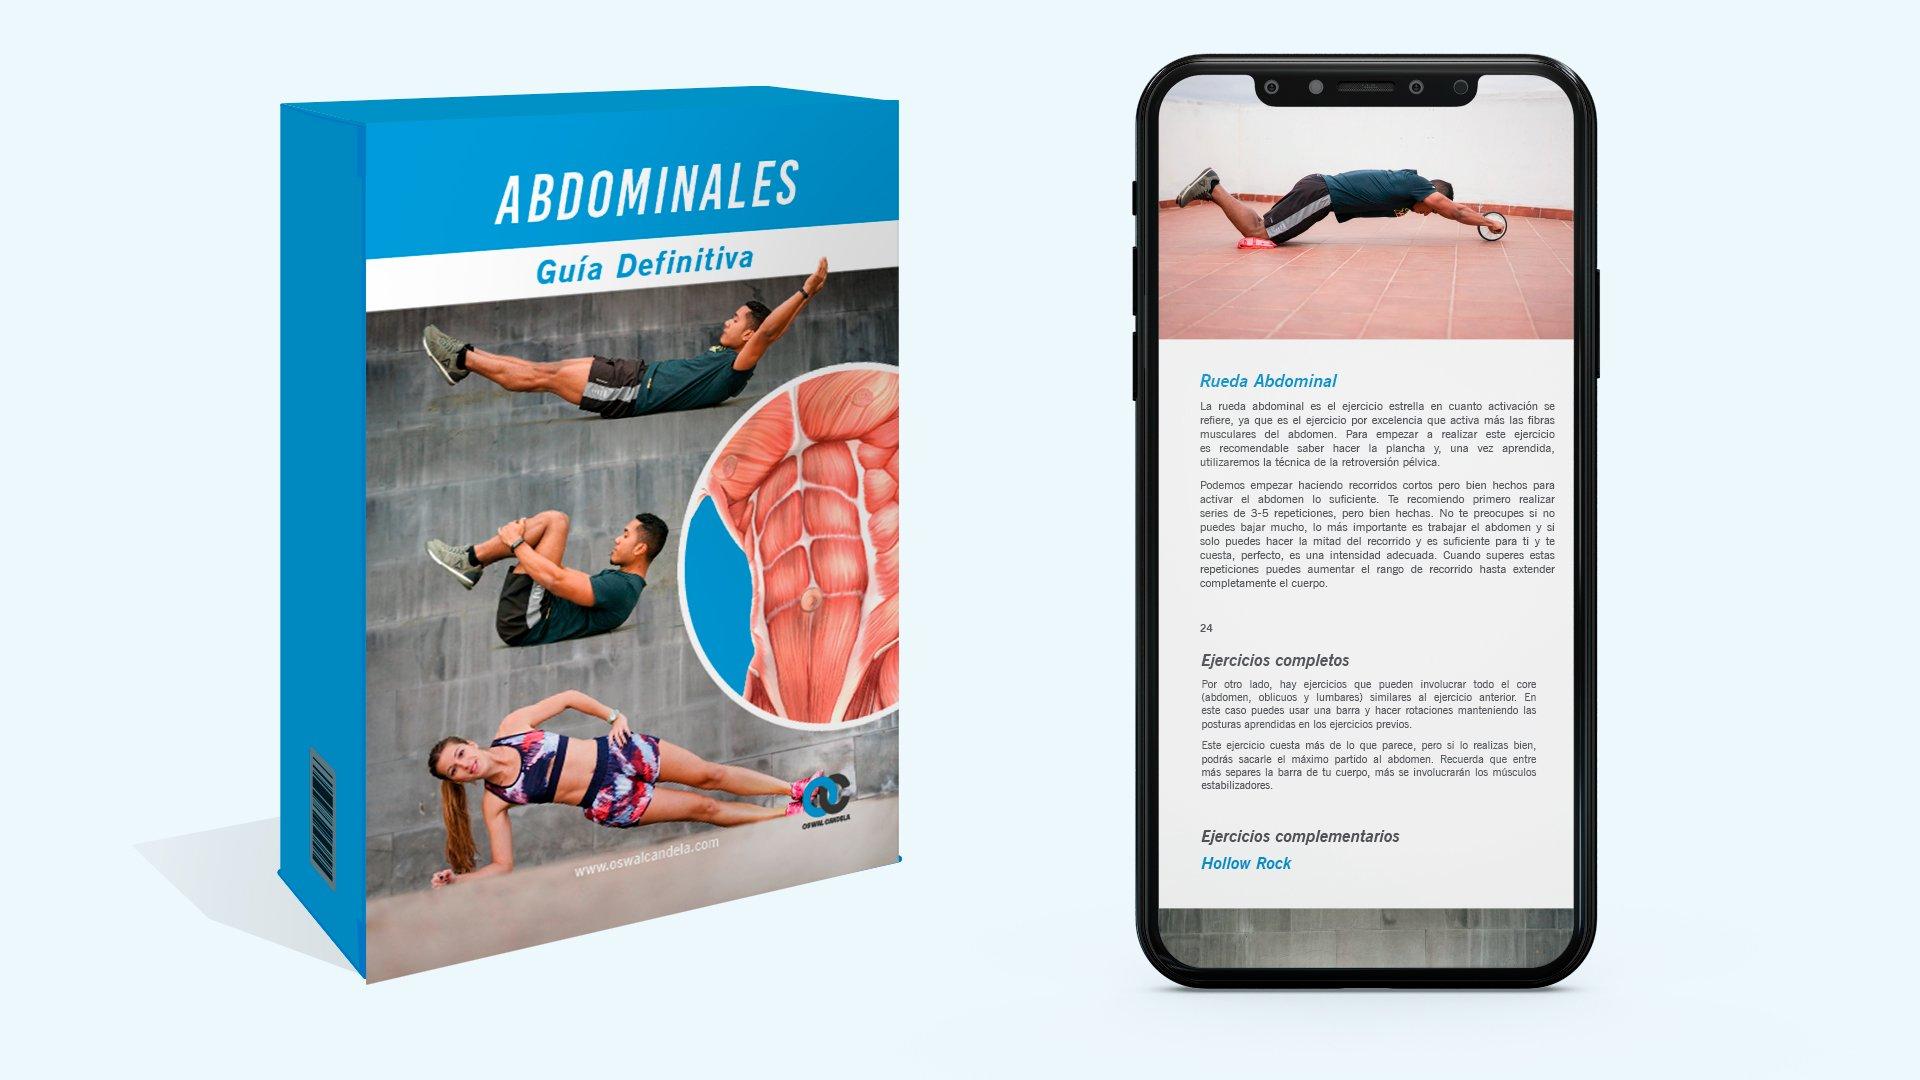 programa de abdominales